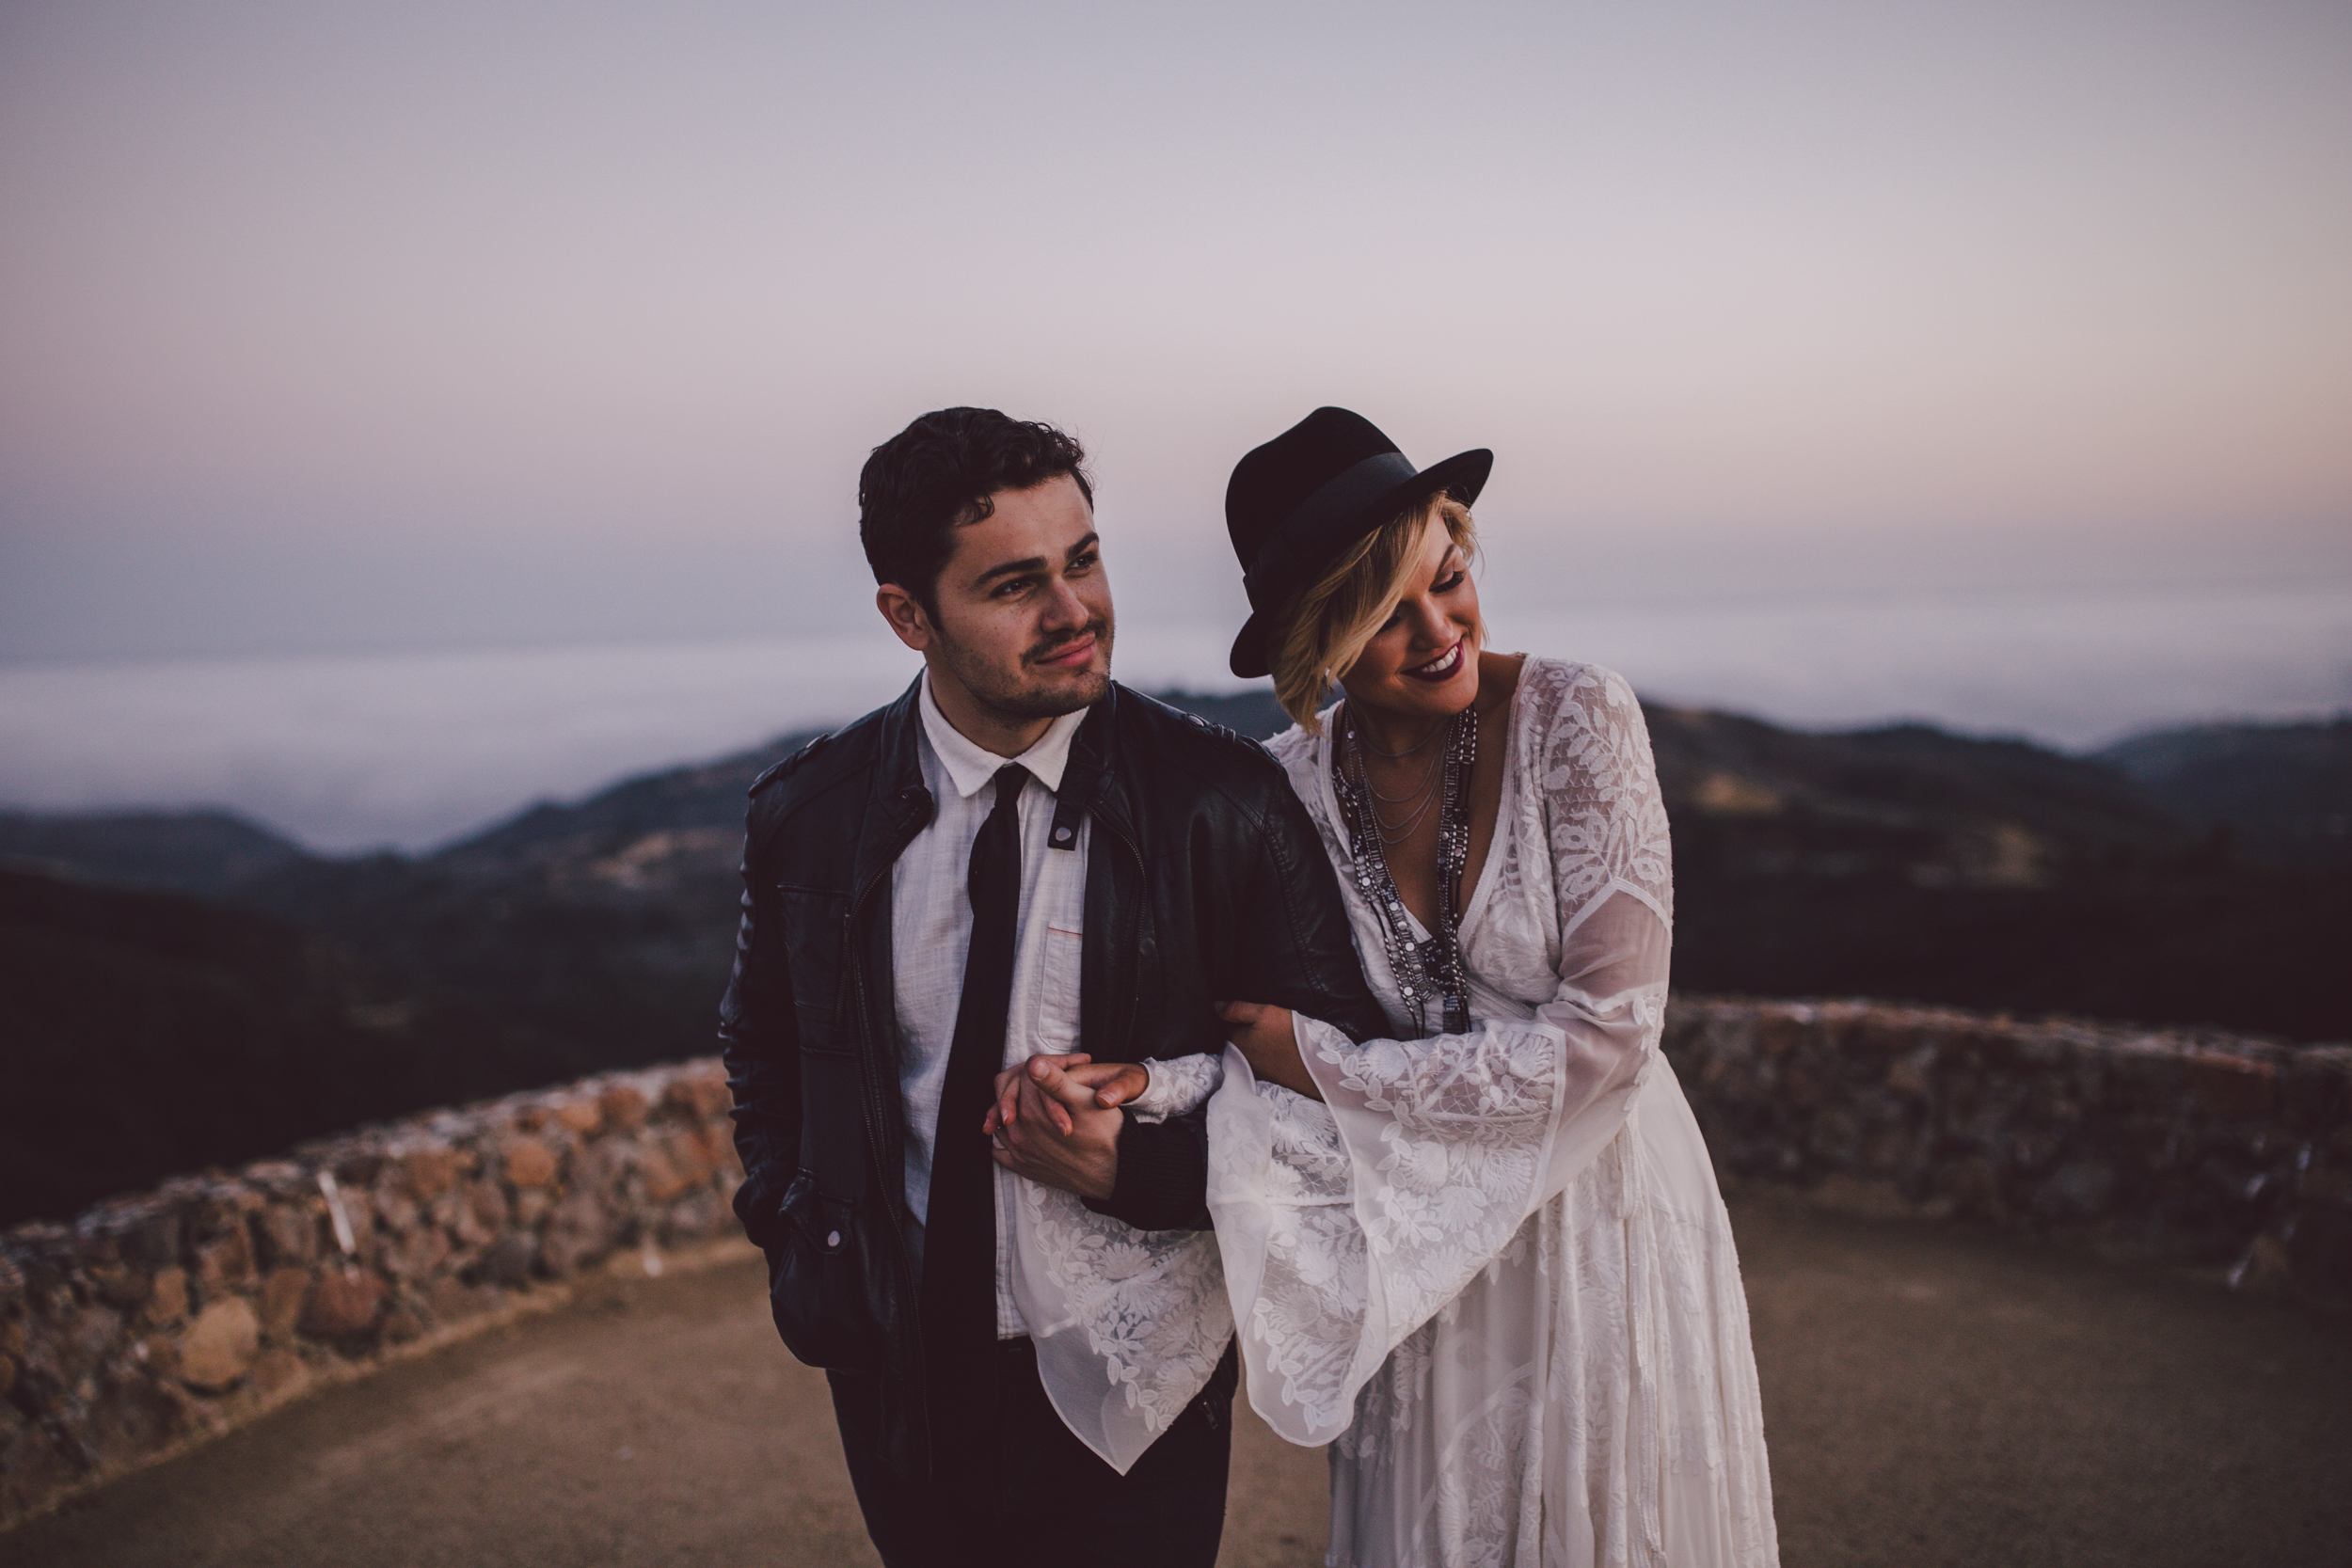 malibu-wedding-sunset-magical-stonewall ranch